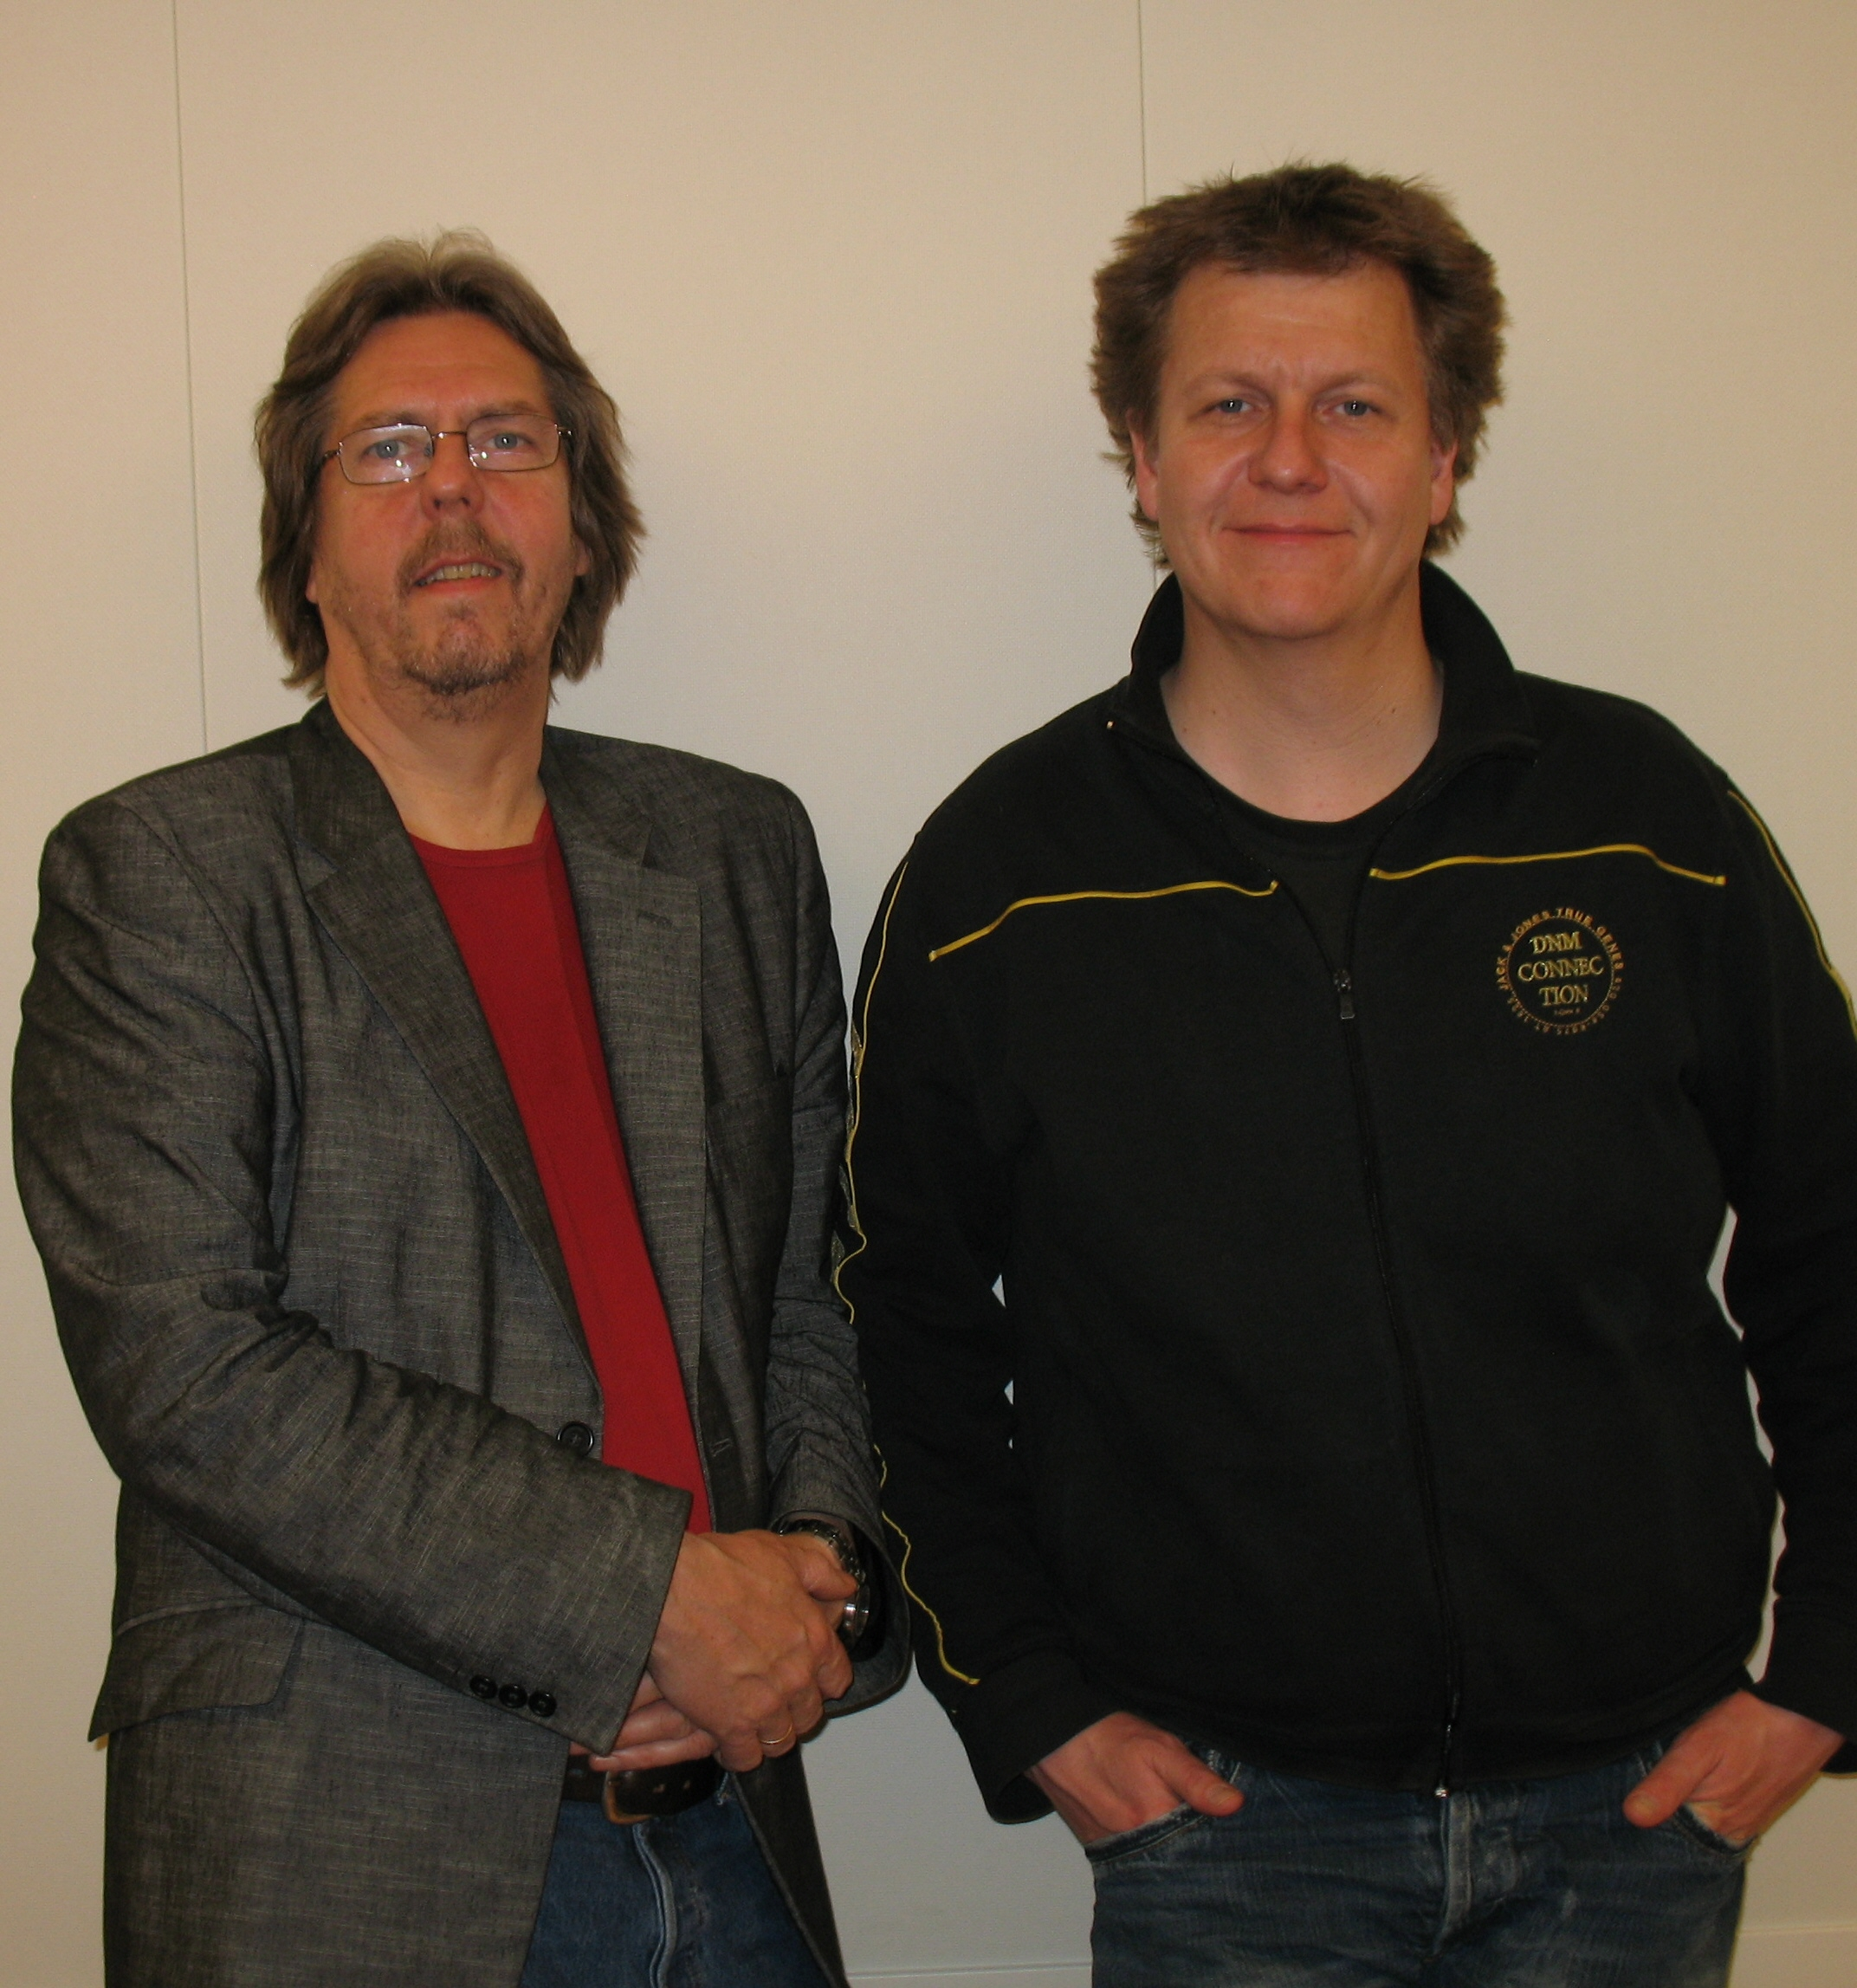 Ole Frimer & Olav Poulsen